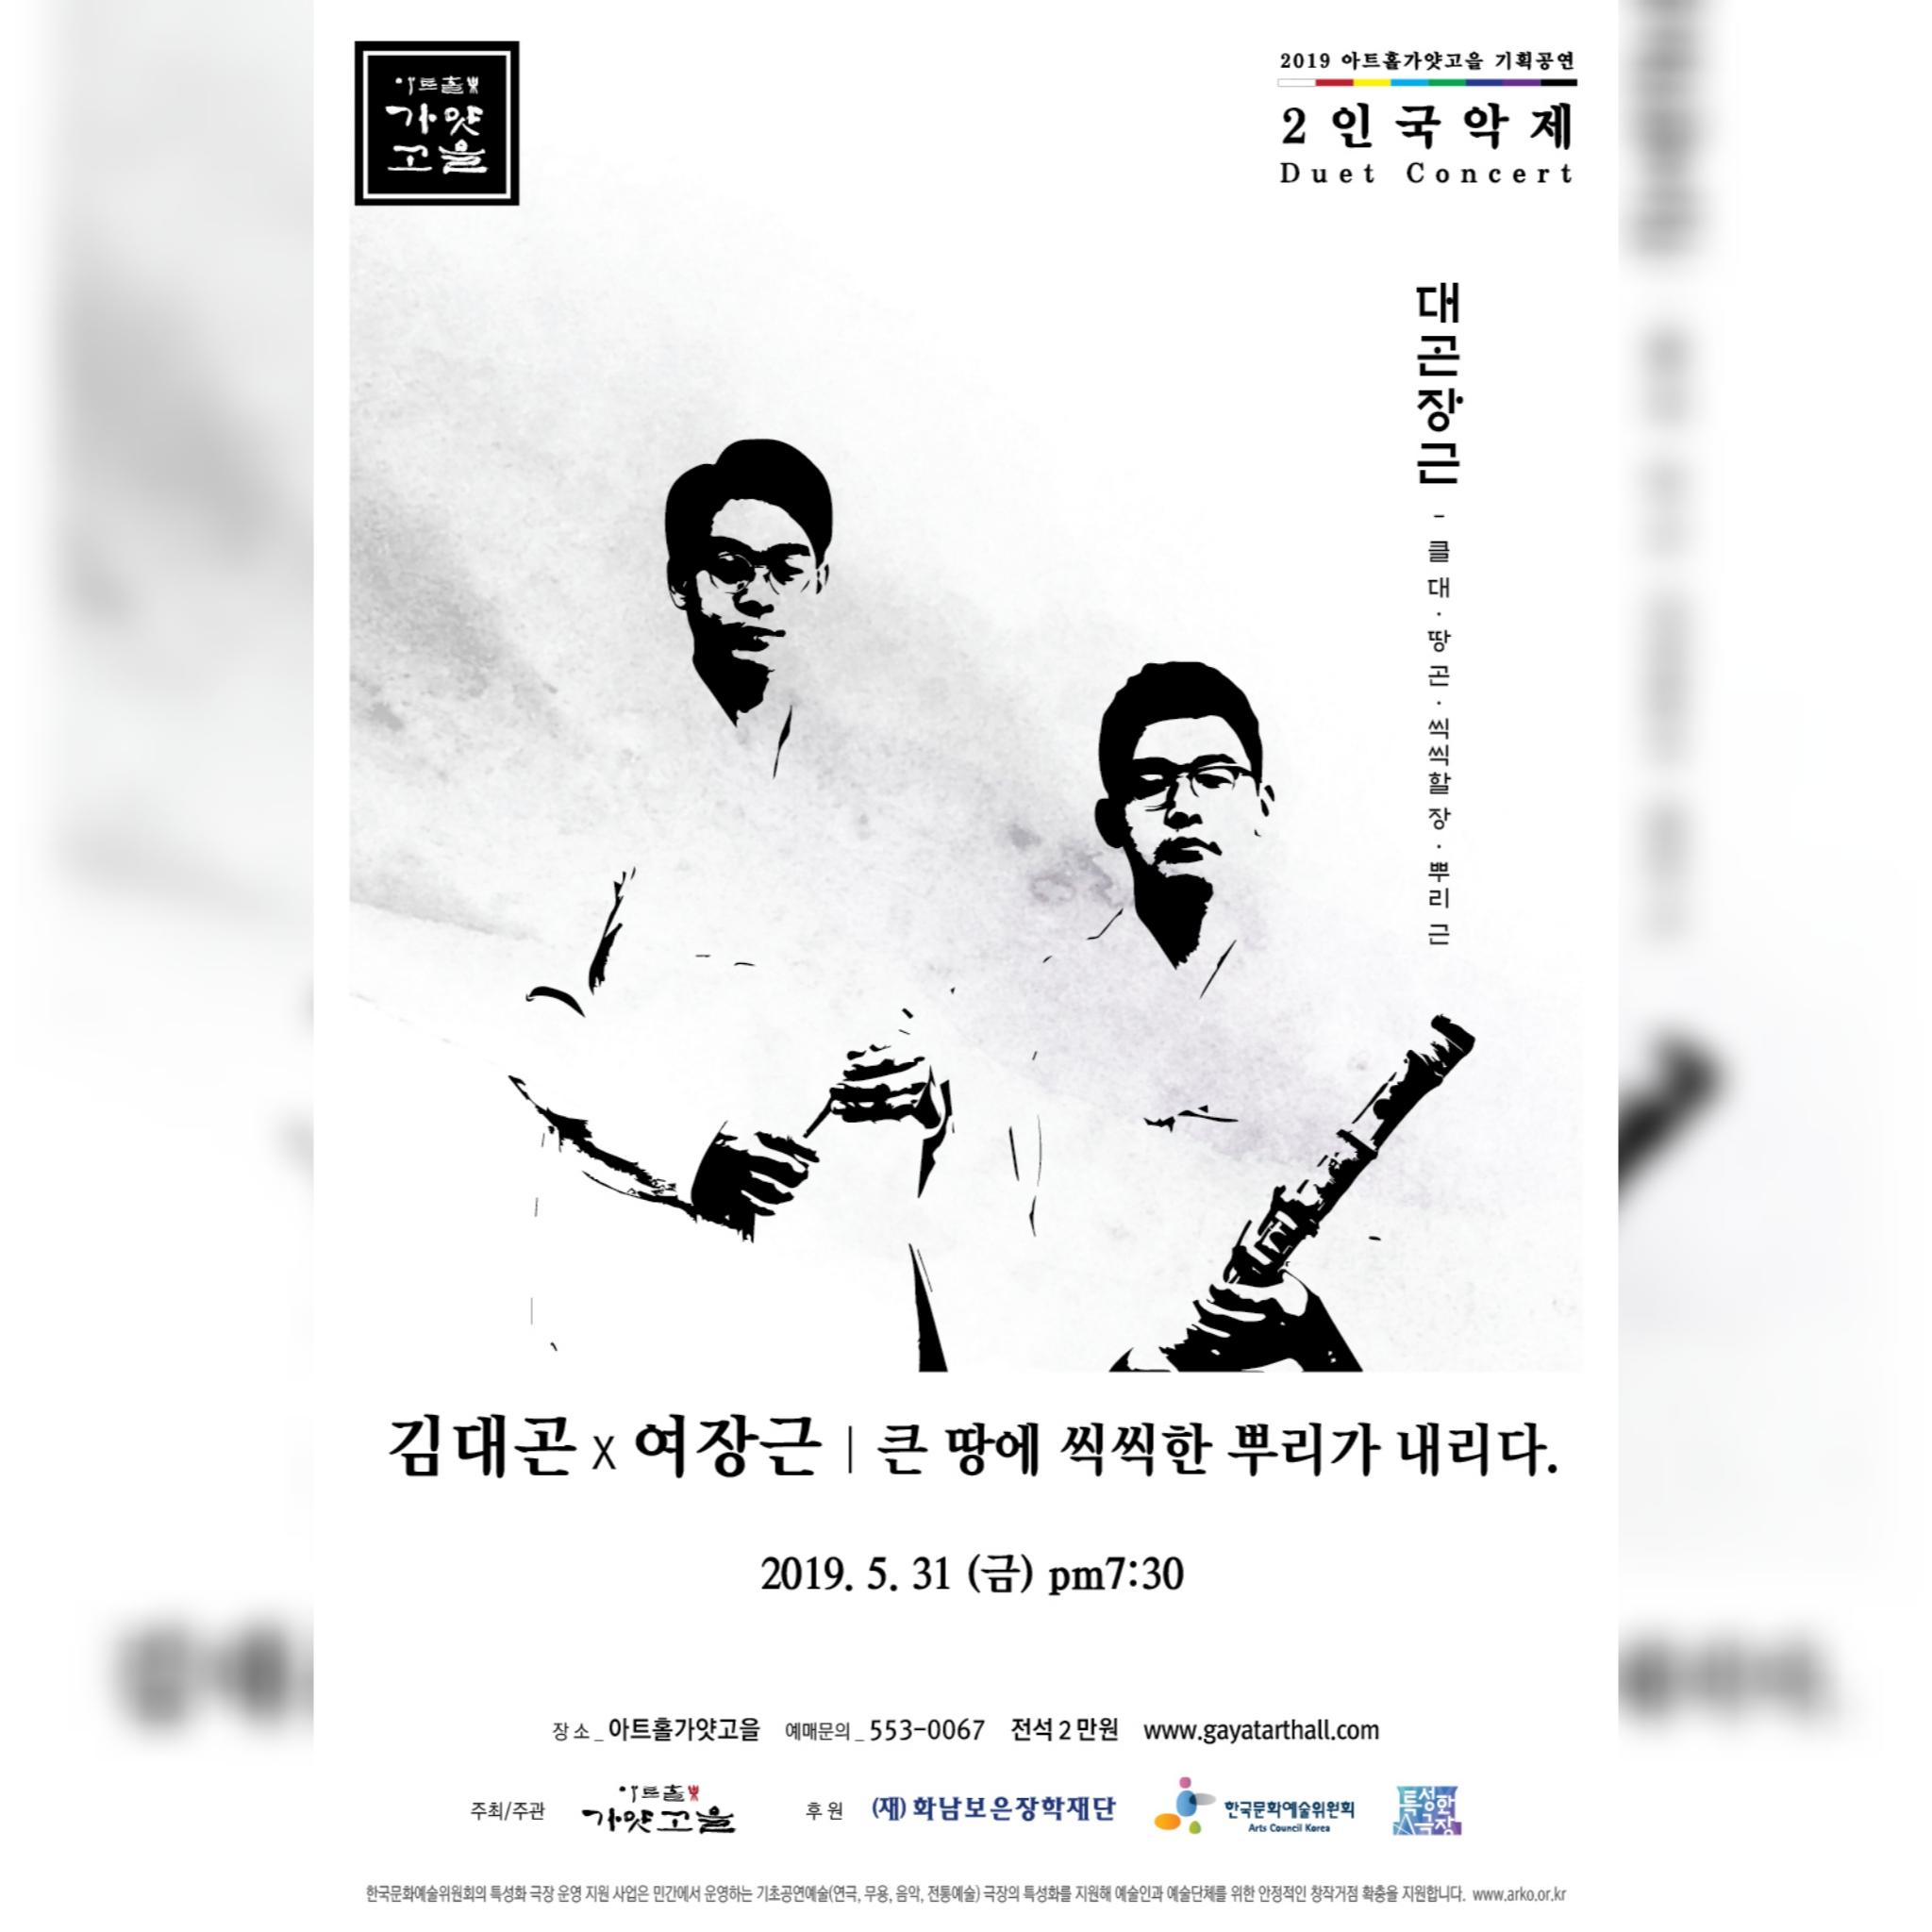 김대곤X여장근 '큰 땅에 씩씩한 뿌리가 내리다'